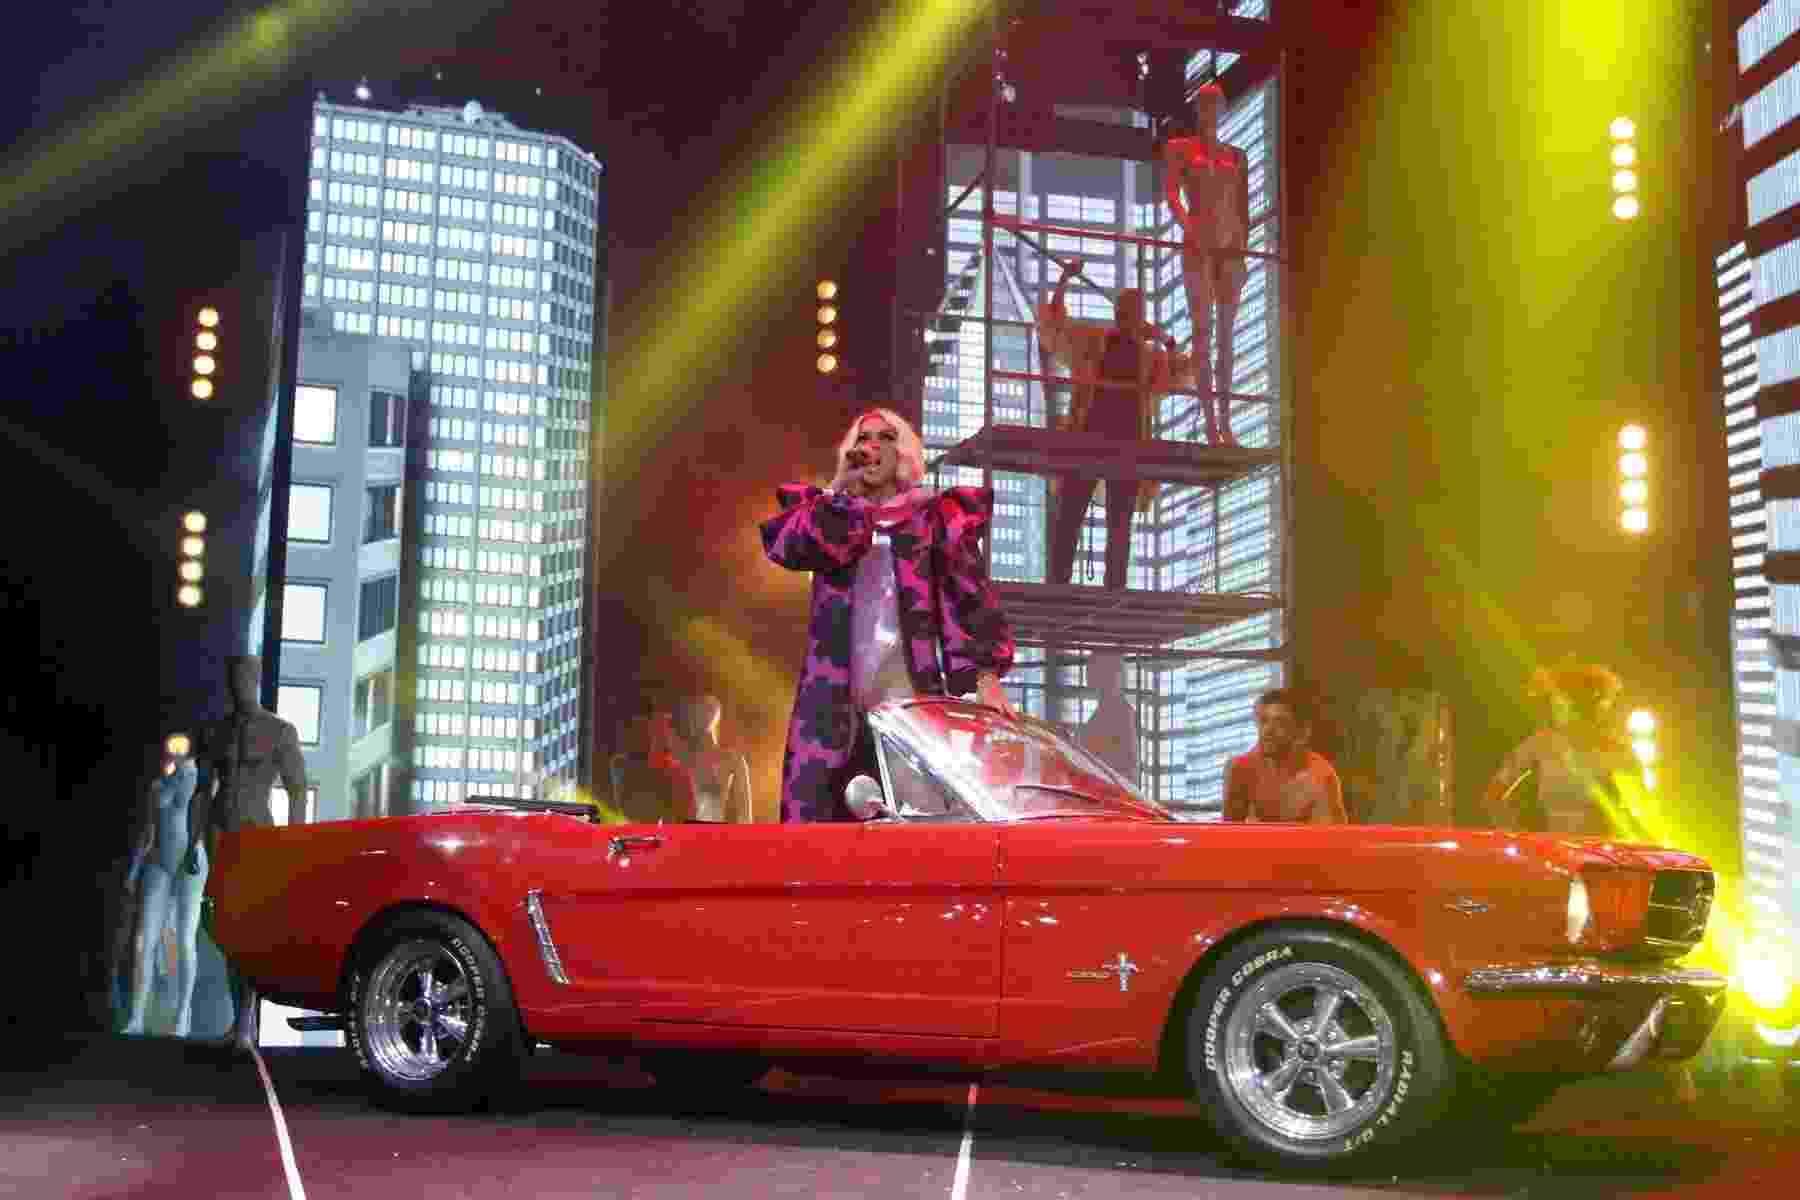 A drag Pabllo Vittar fez um show repleto de coreografias e super sensual no baile Chá da Alice, na Fundição Progresso, no Rio de Janeiro - Thyago Andrade/Brazilnews